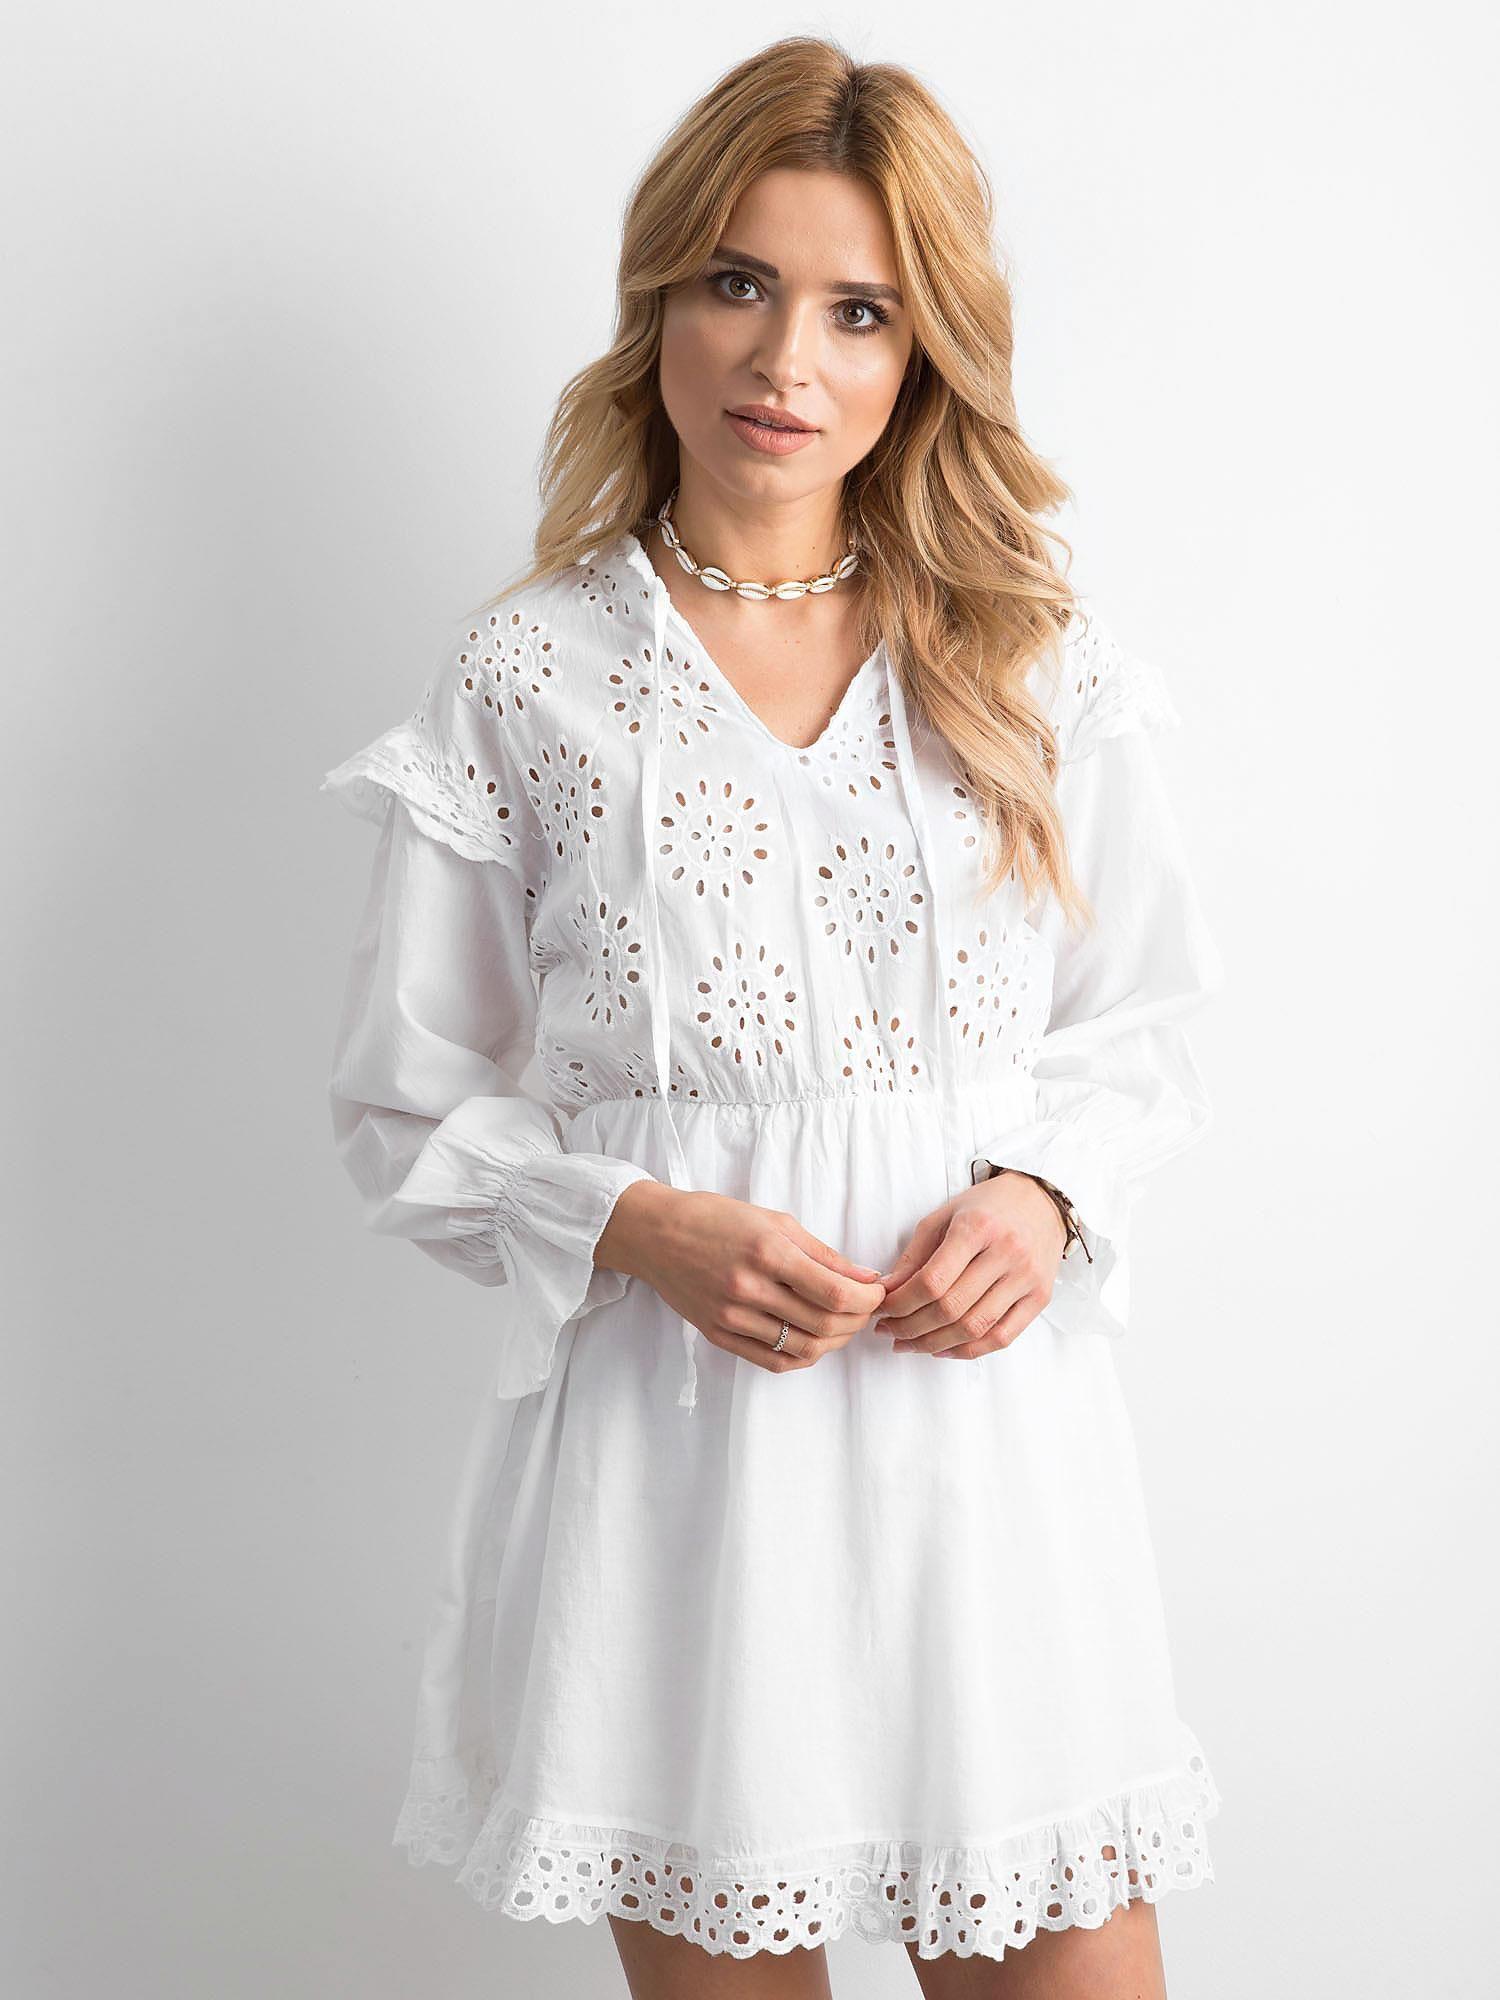 093aa607ab6 Biała sukienka boho z falbanami - Sukienka one size - sklep eButik.pl